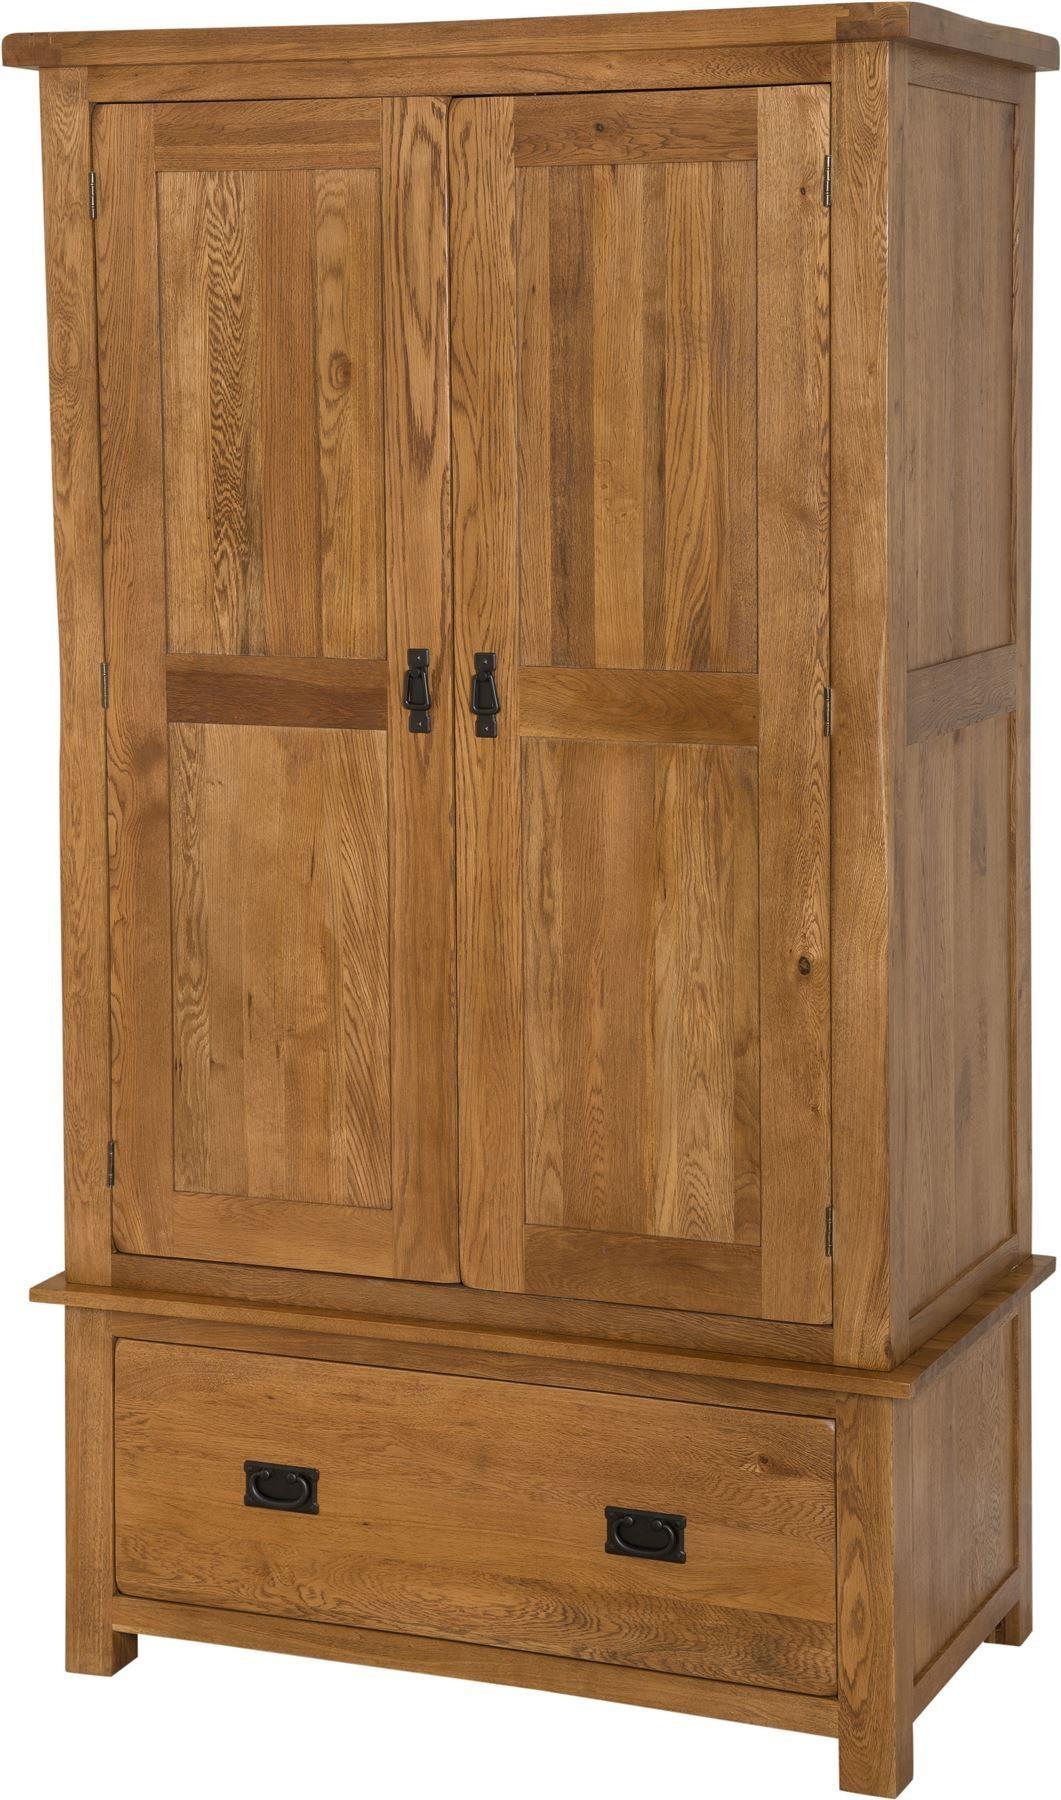 Cotswold Rustic Solid Oak Double Wardrobe